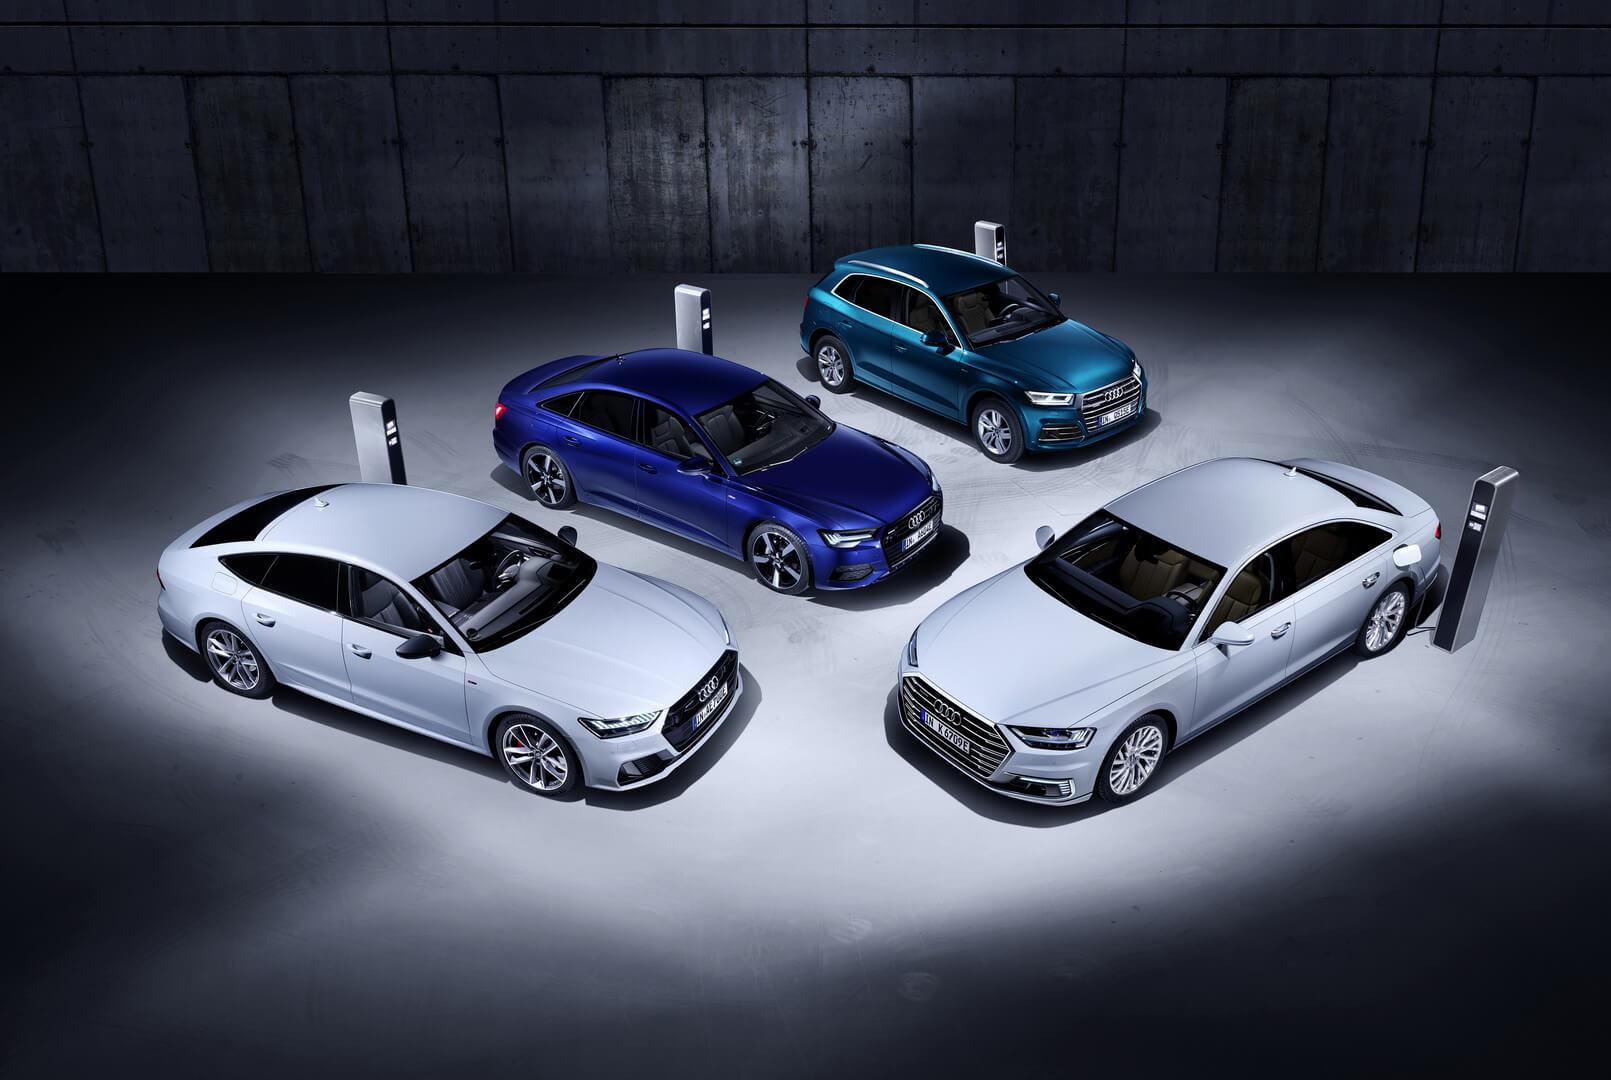 Семейство плагин-гибридных автомобилей Audi